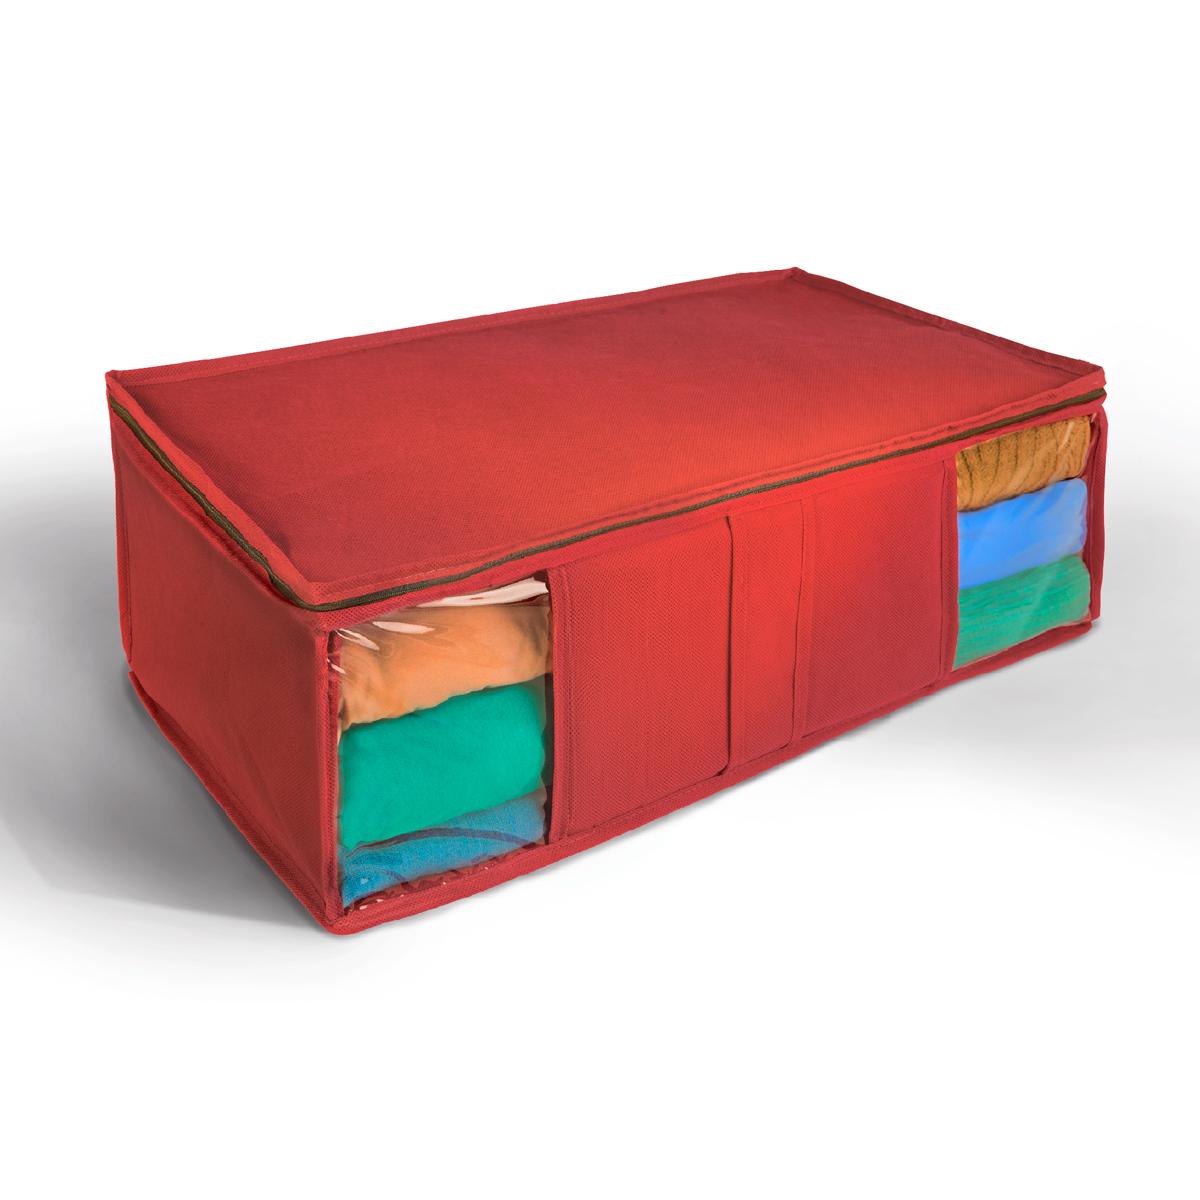 Кофр для хранения Miolla, цвет: красный, 60 х 30 х 20 смCHL-10-3Ящик текстильный для хранения вещей 60 x 30 x 20 см красный